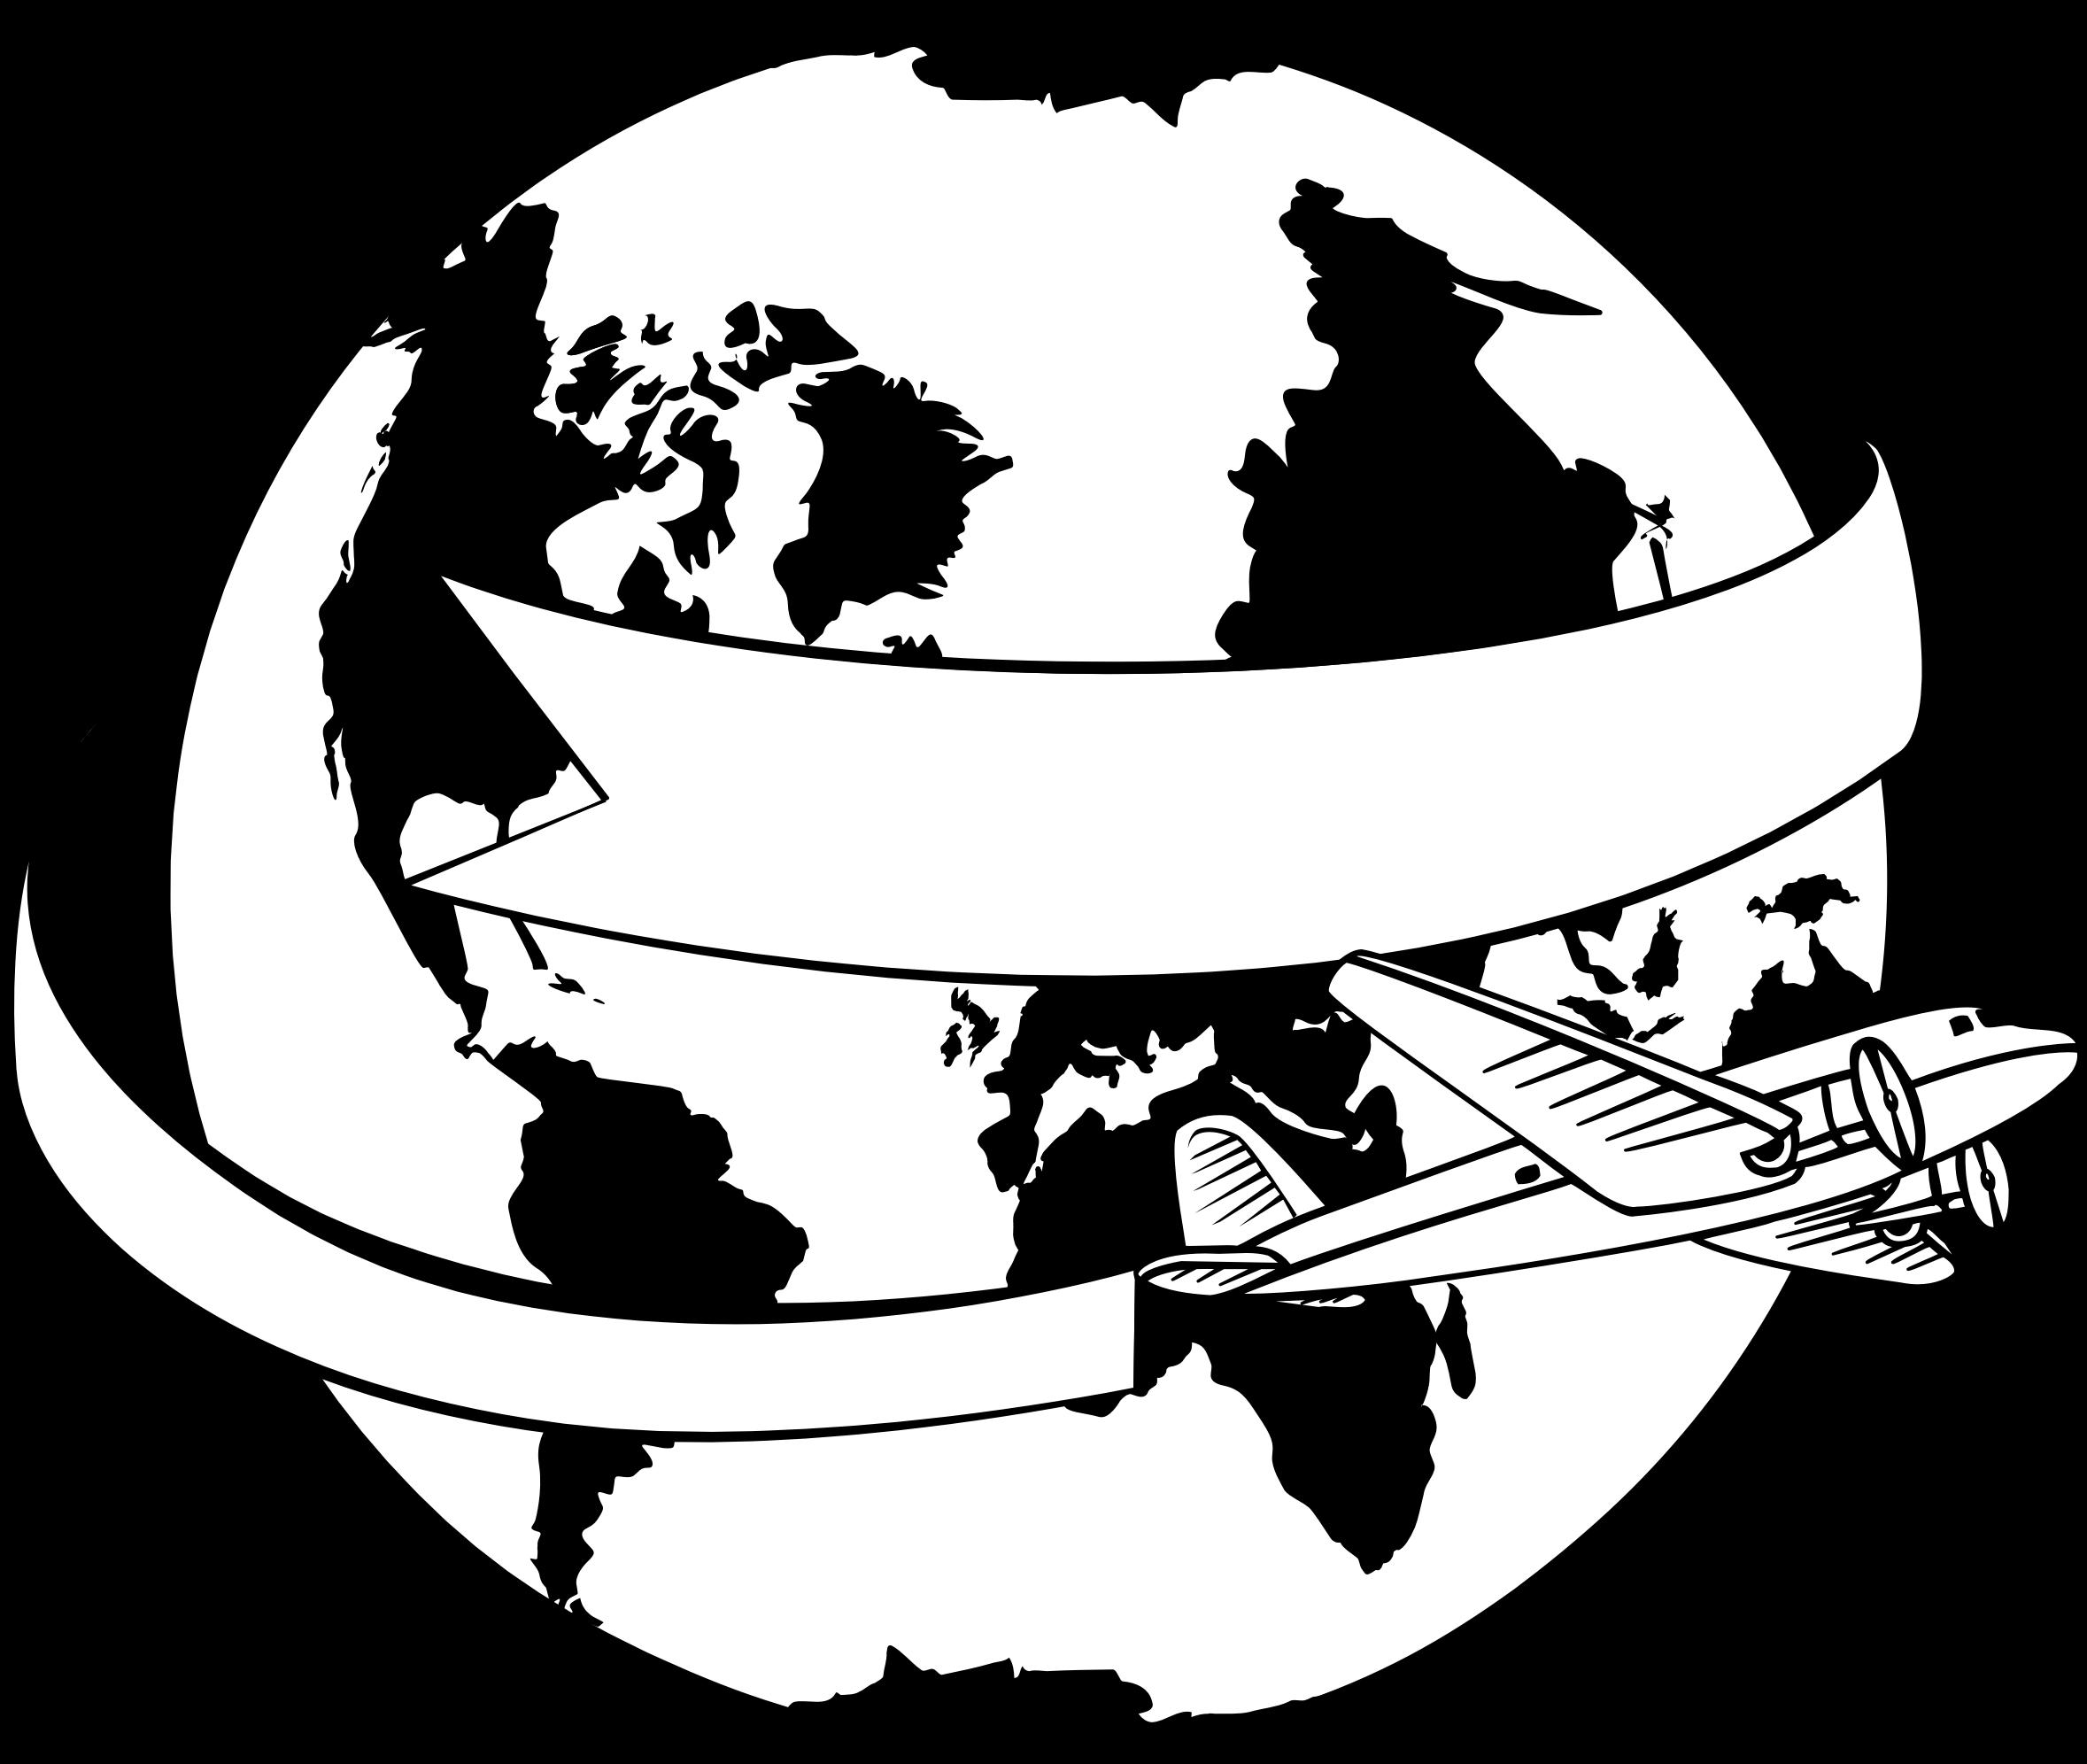 Around the world big. Clipart plane banner